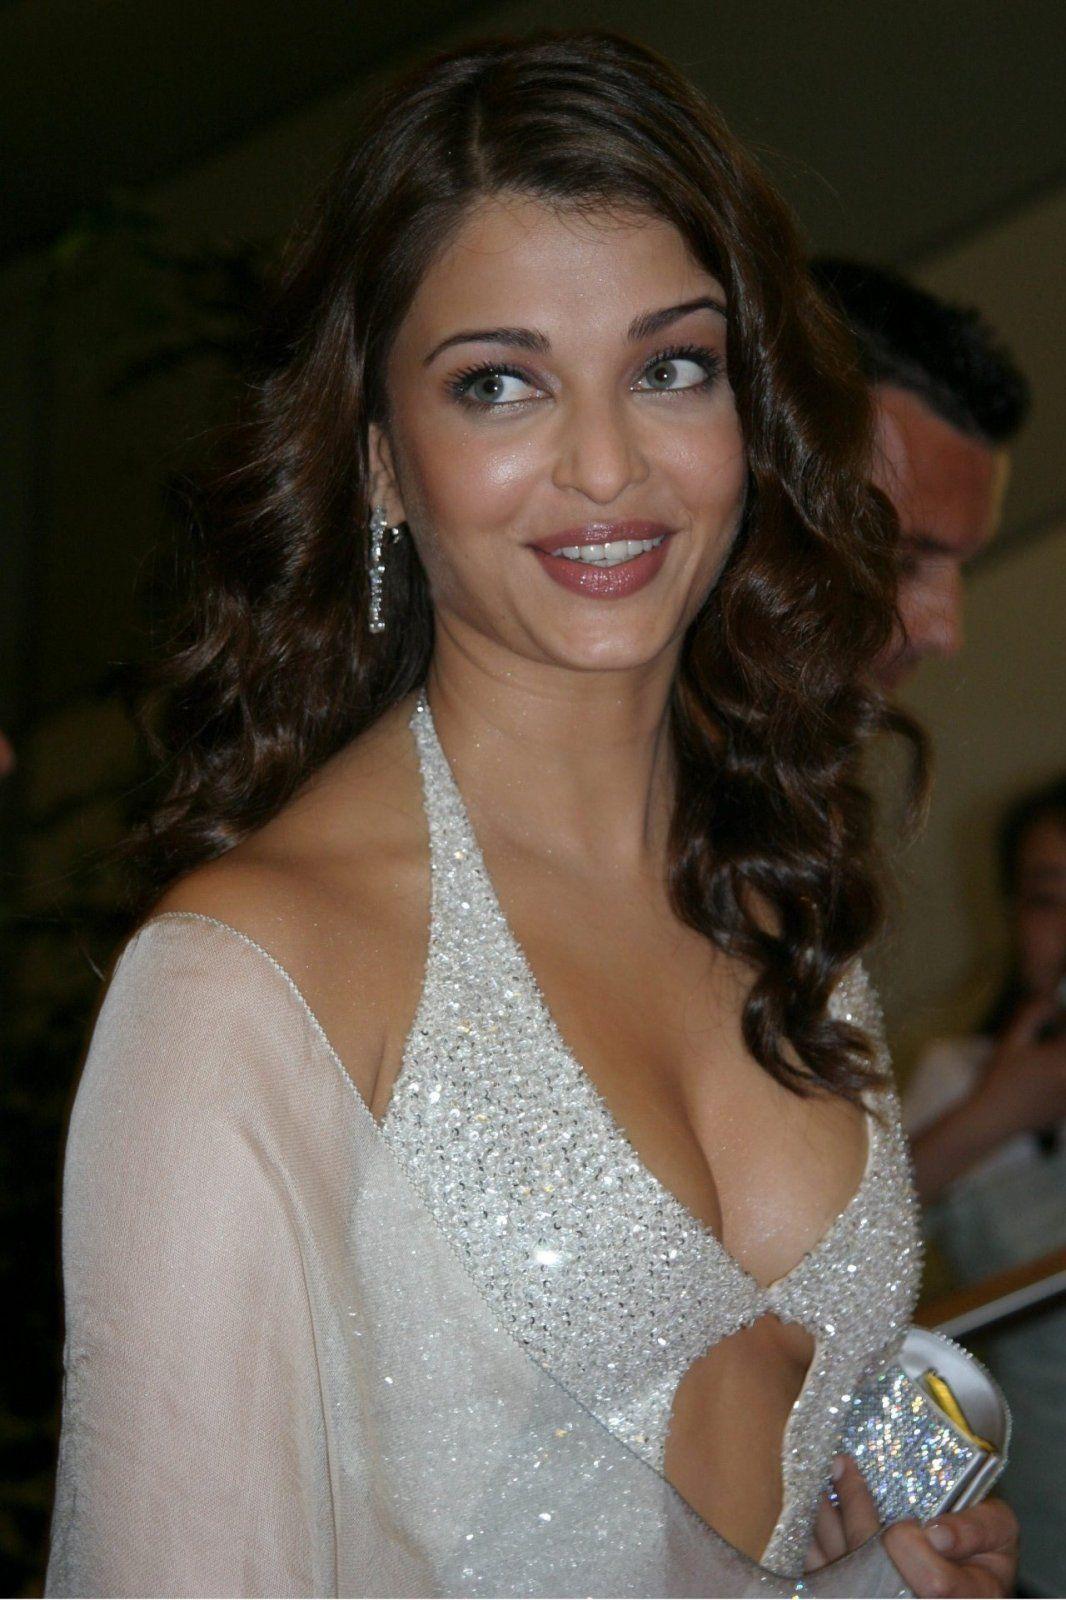 http://3.bp.blogspot.com/_1C6Y3FaLpWI/TMWWHmcifPI/AAAAAAAAAFo/X-BNinmRyFs/s1600/Actress-Aishwarya-Rai-Pictures.jpg